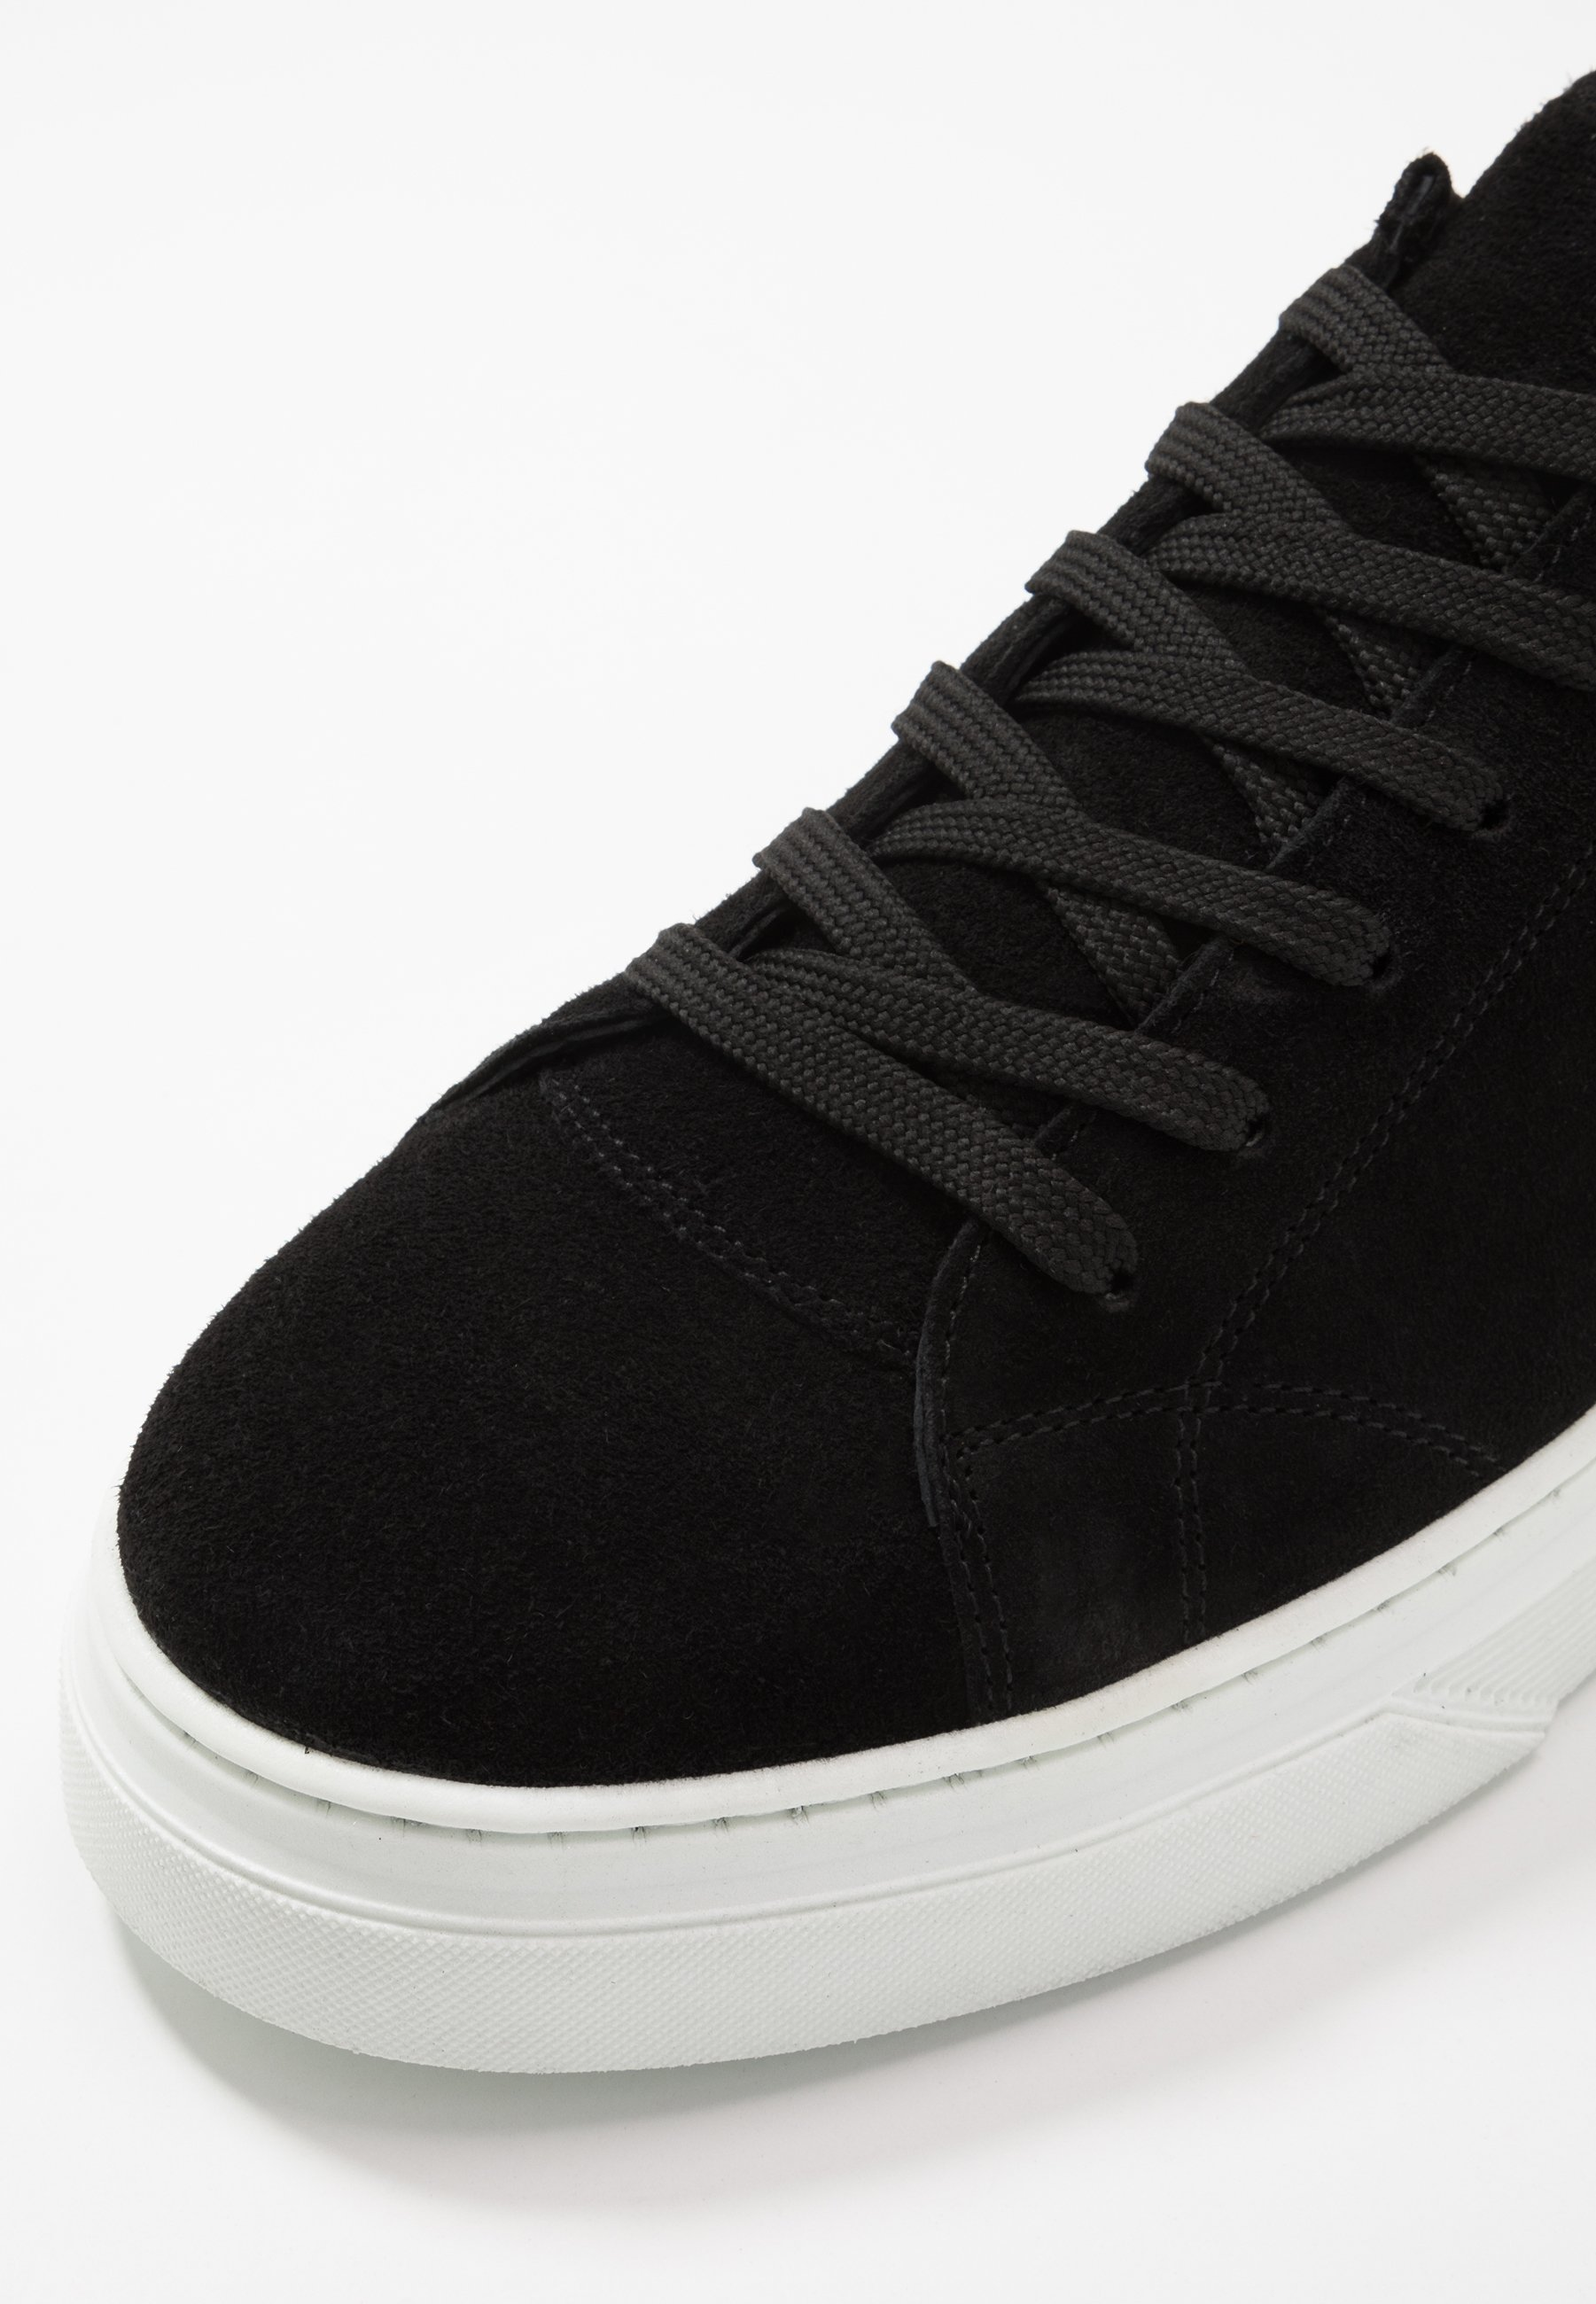 BIADANI Sneakers black